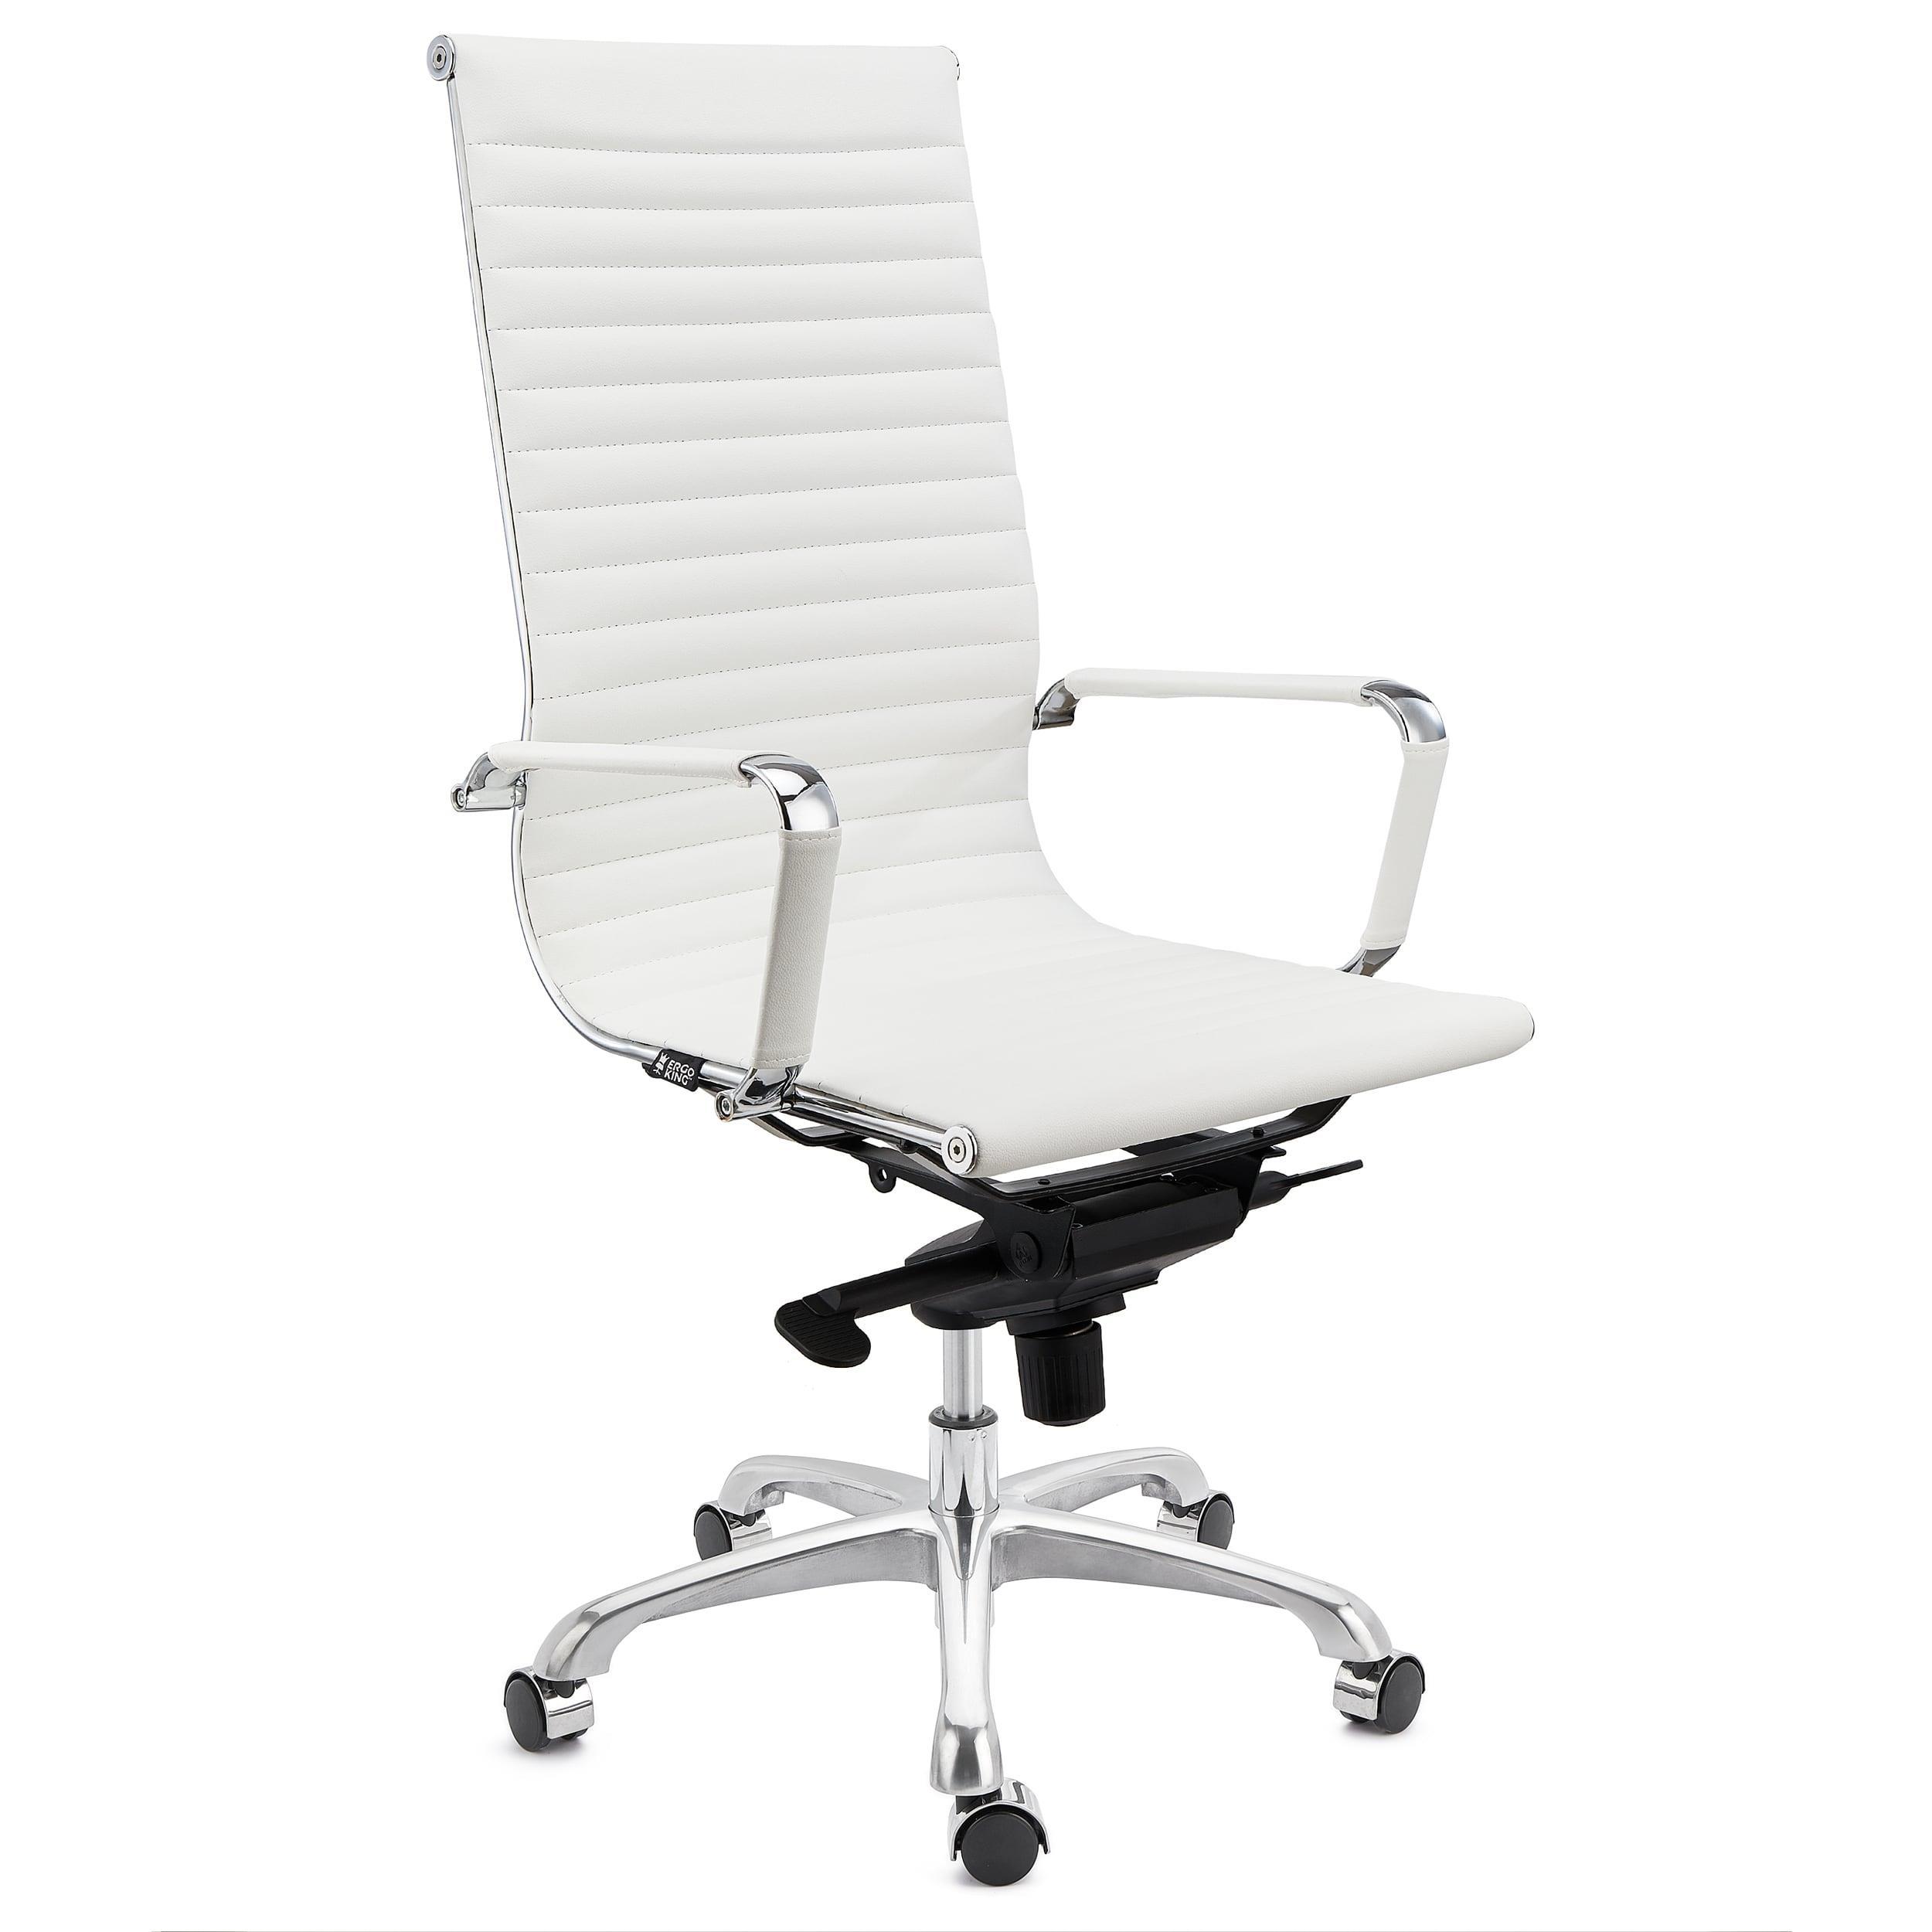 Sedia da Ufficio DORIS vera pelle color Bianco ...